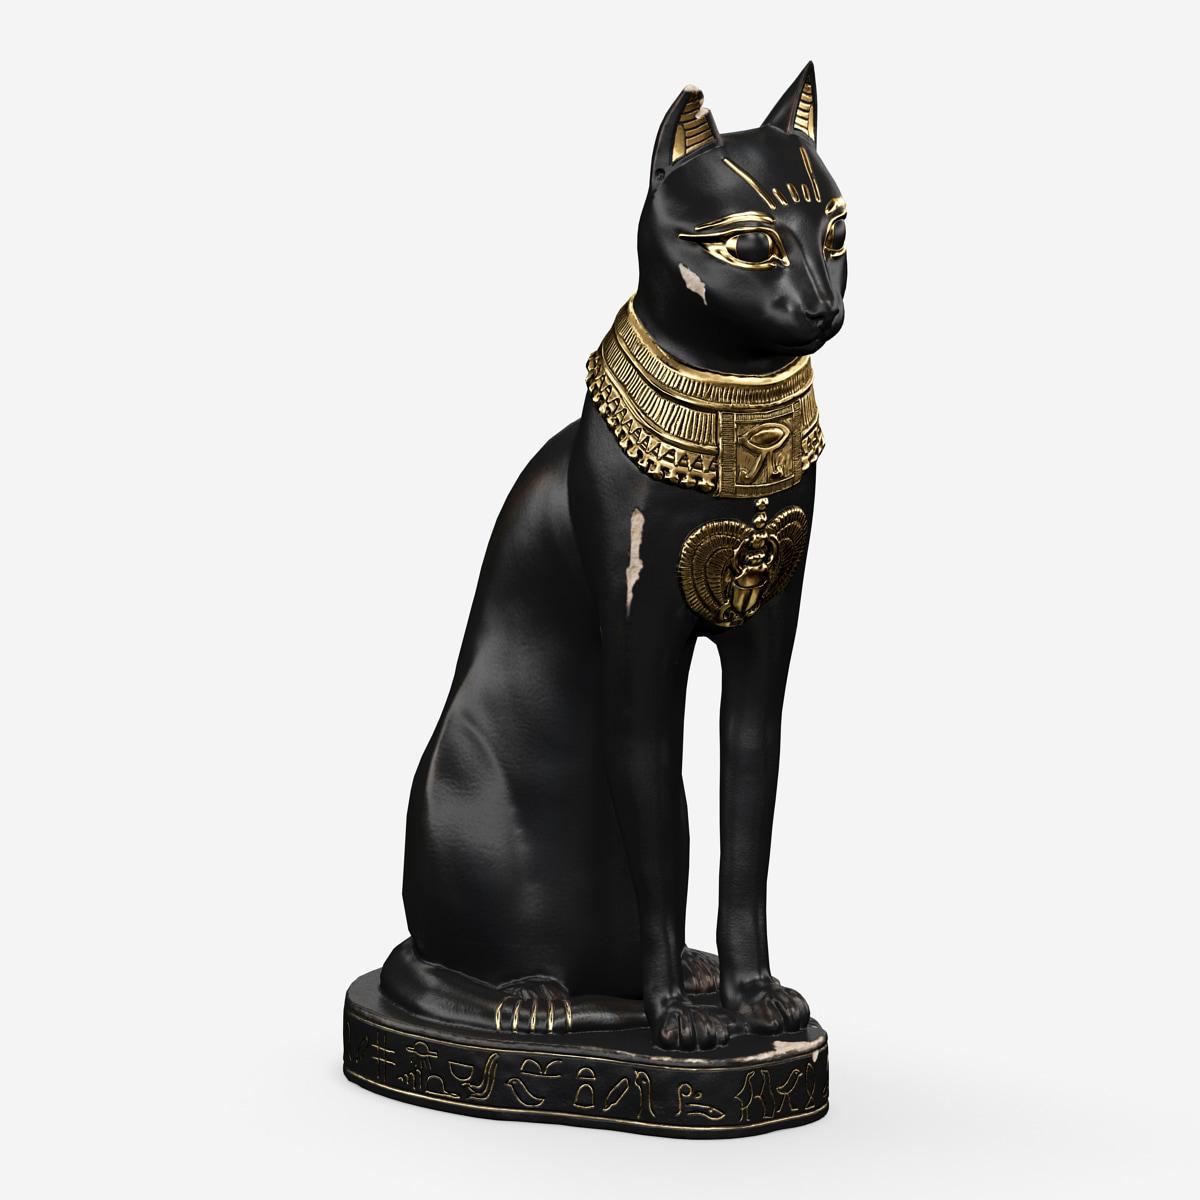 Egyptian_Cat_Statue_001.jpg